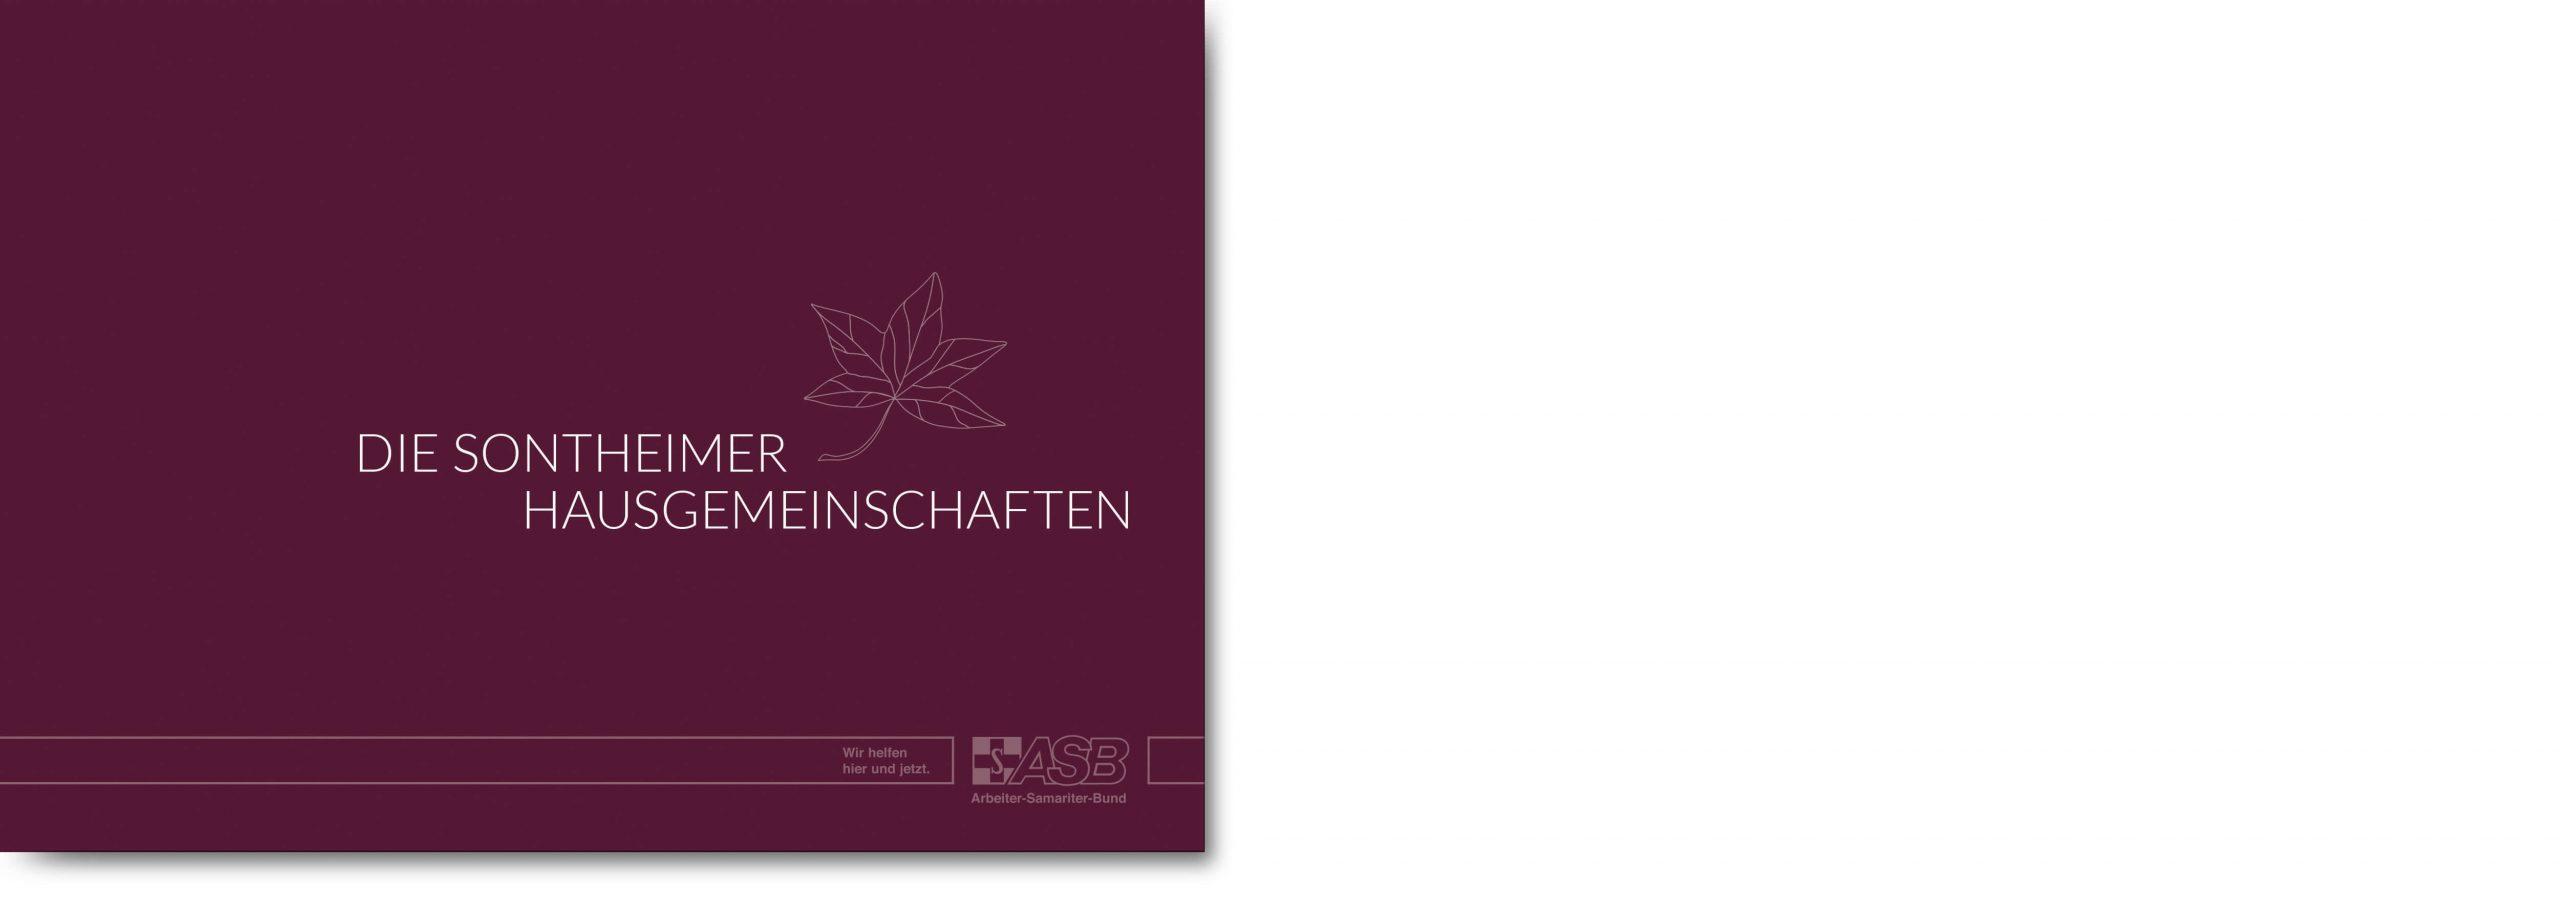 fh-web-asb-broschüren-sontheim-titel-1-scaled.jpg